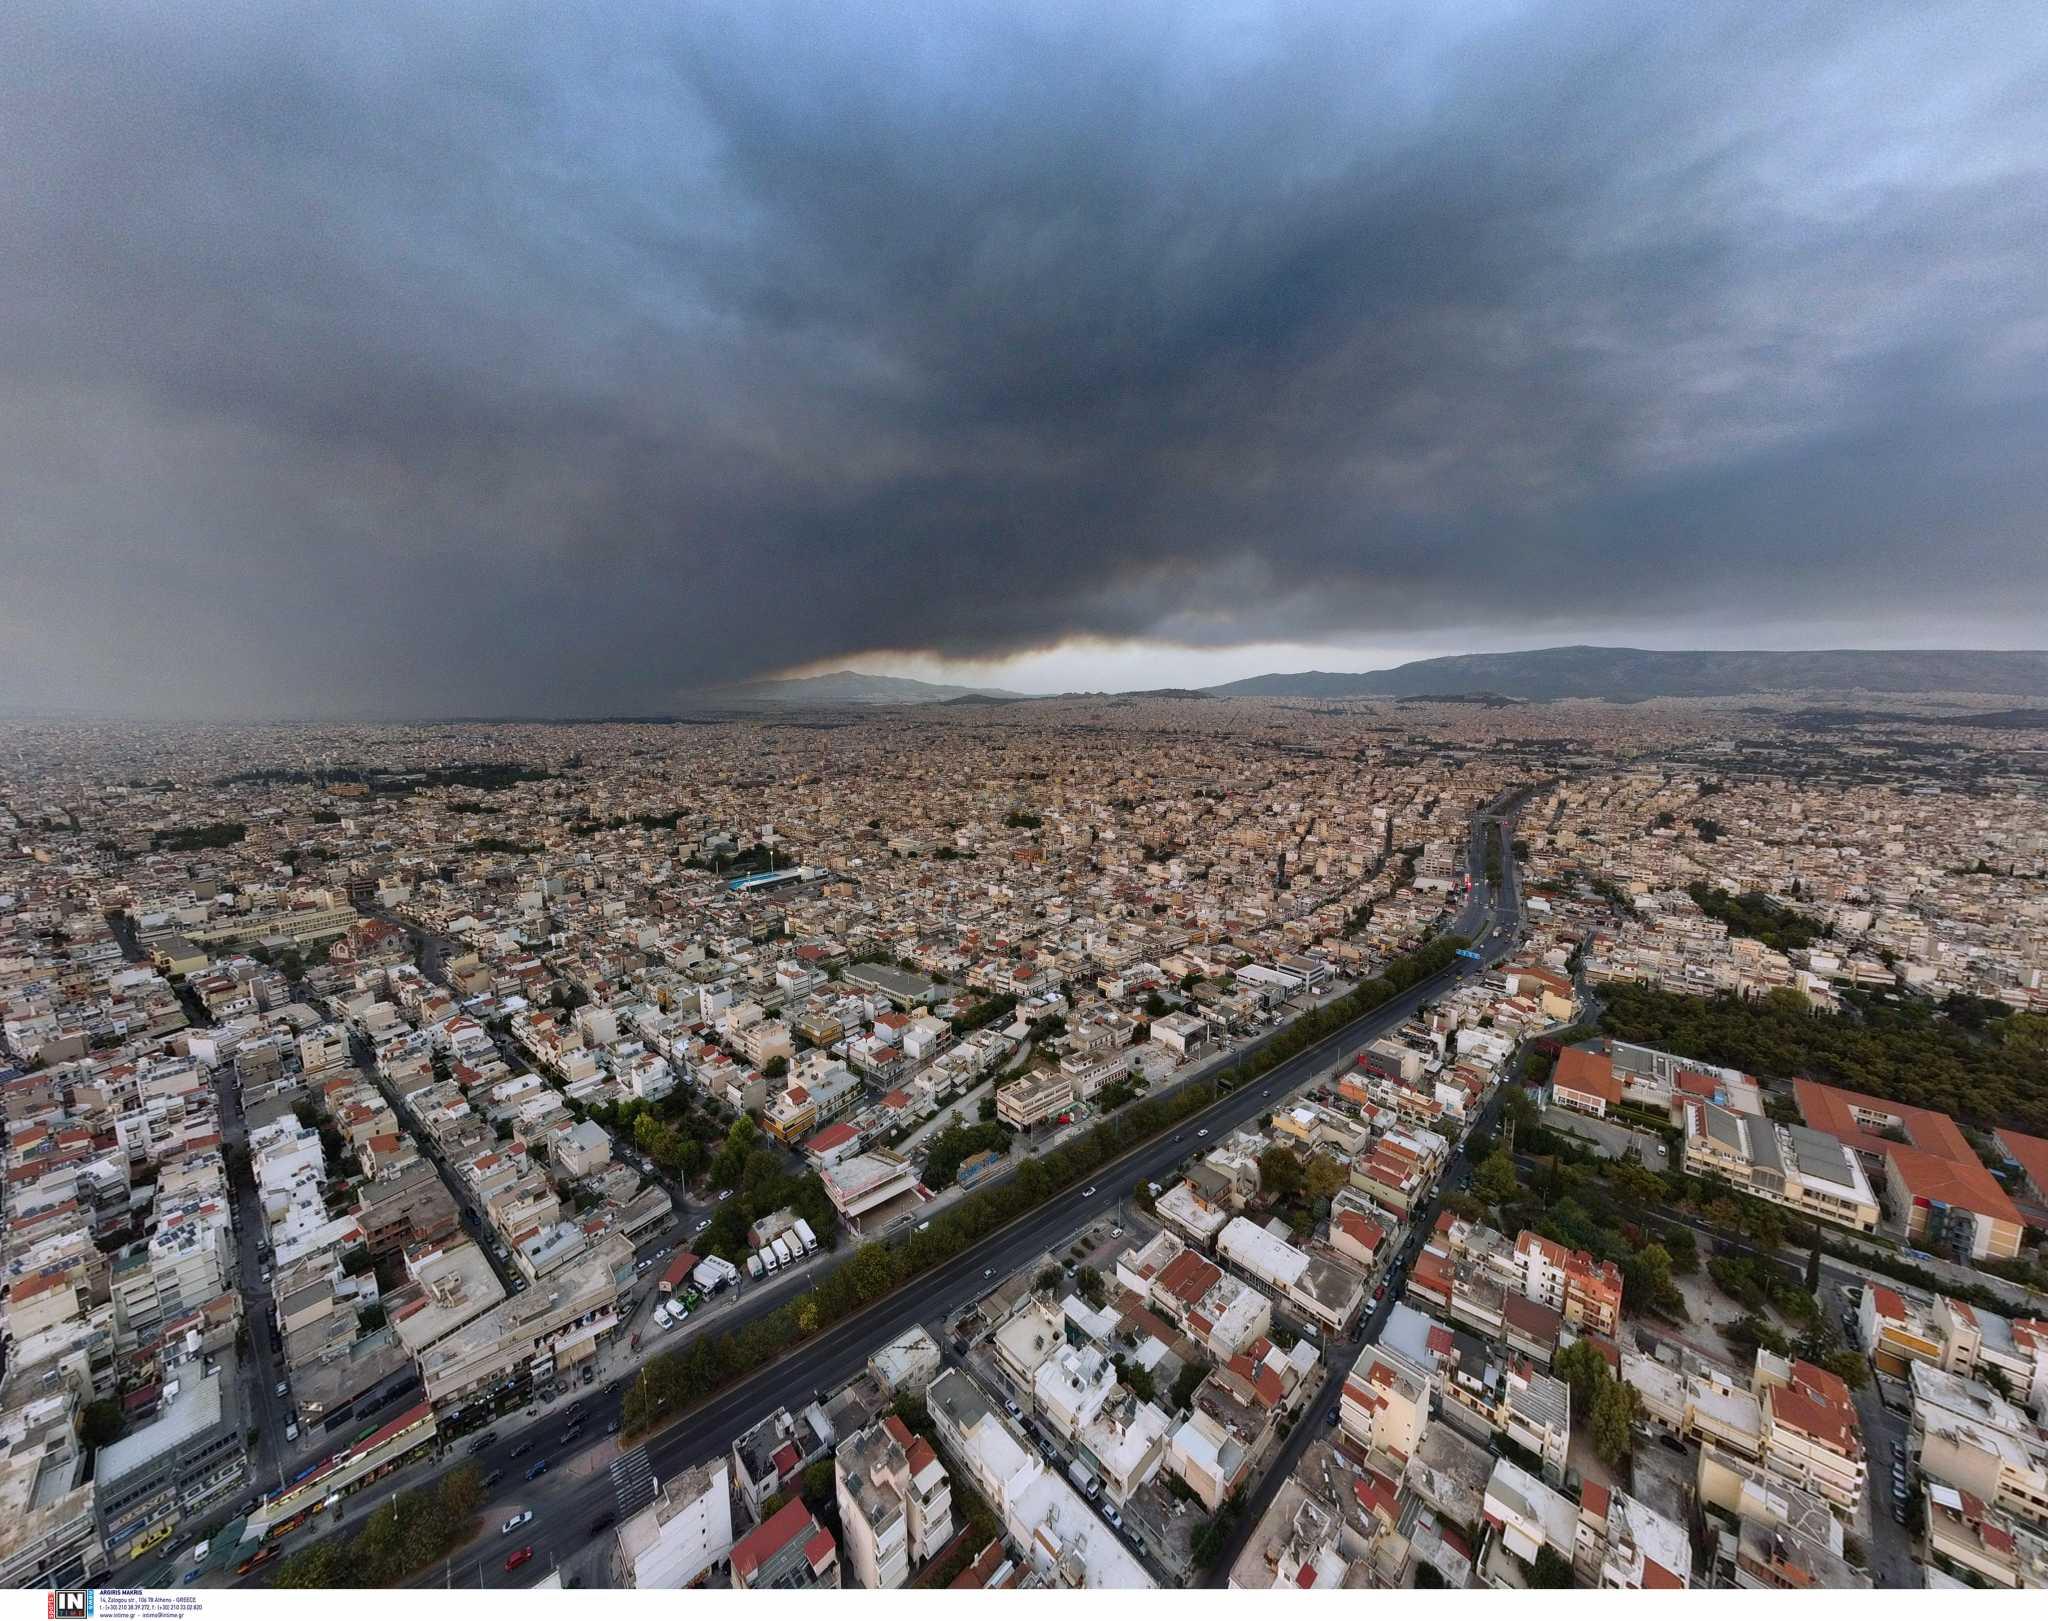 Νίκος Τζανάκης για φωτιά στην Αττική: Μία ώρα σε εξωτερικούς χώρους είναι σαν να καπνίζεις 10 τσιγάρα